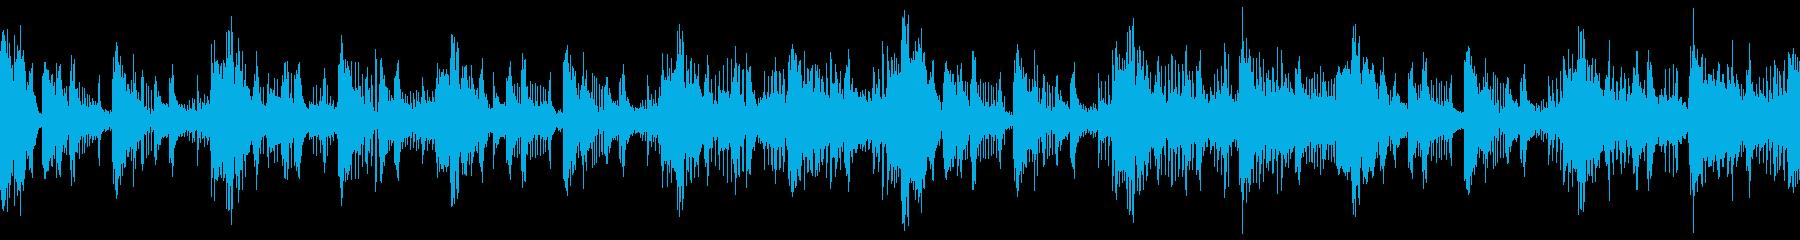 【ループ音源】盆回り/場面転換/騒がしいの再生済みの波形